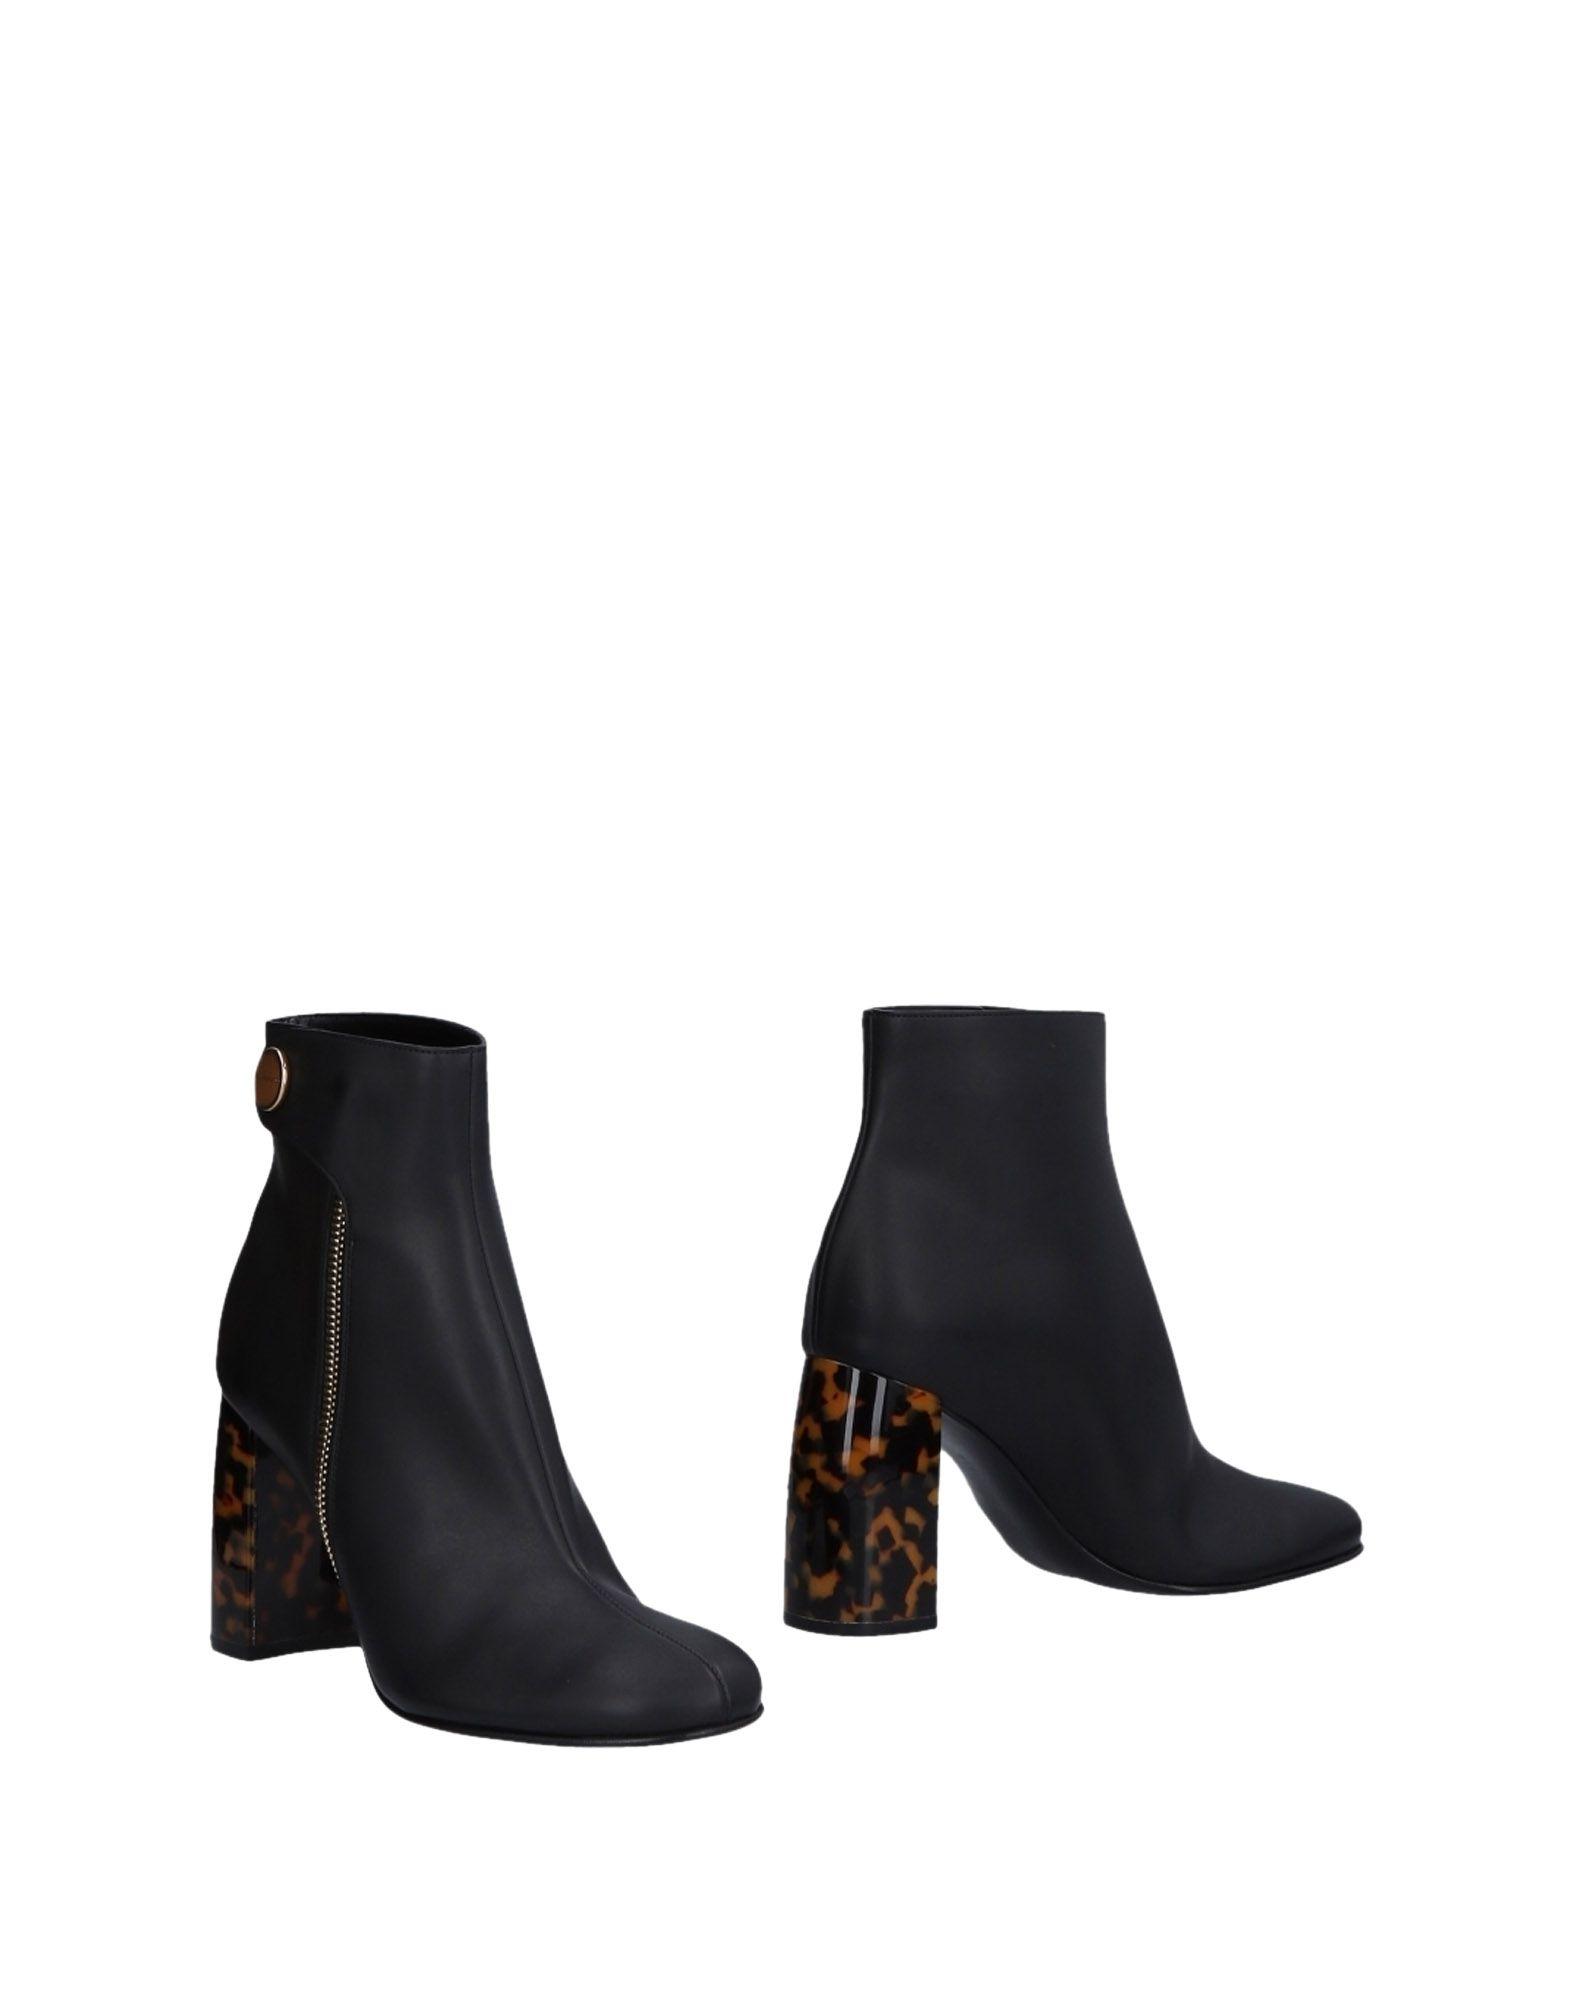 Stella Mccartney Stiefelette aussehende Damen  11449197LOGünstige gut aussehende Stiefelette Schuhe acbe1a